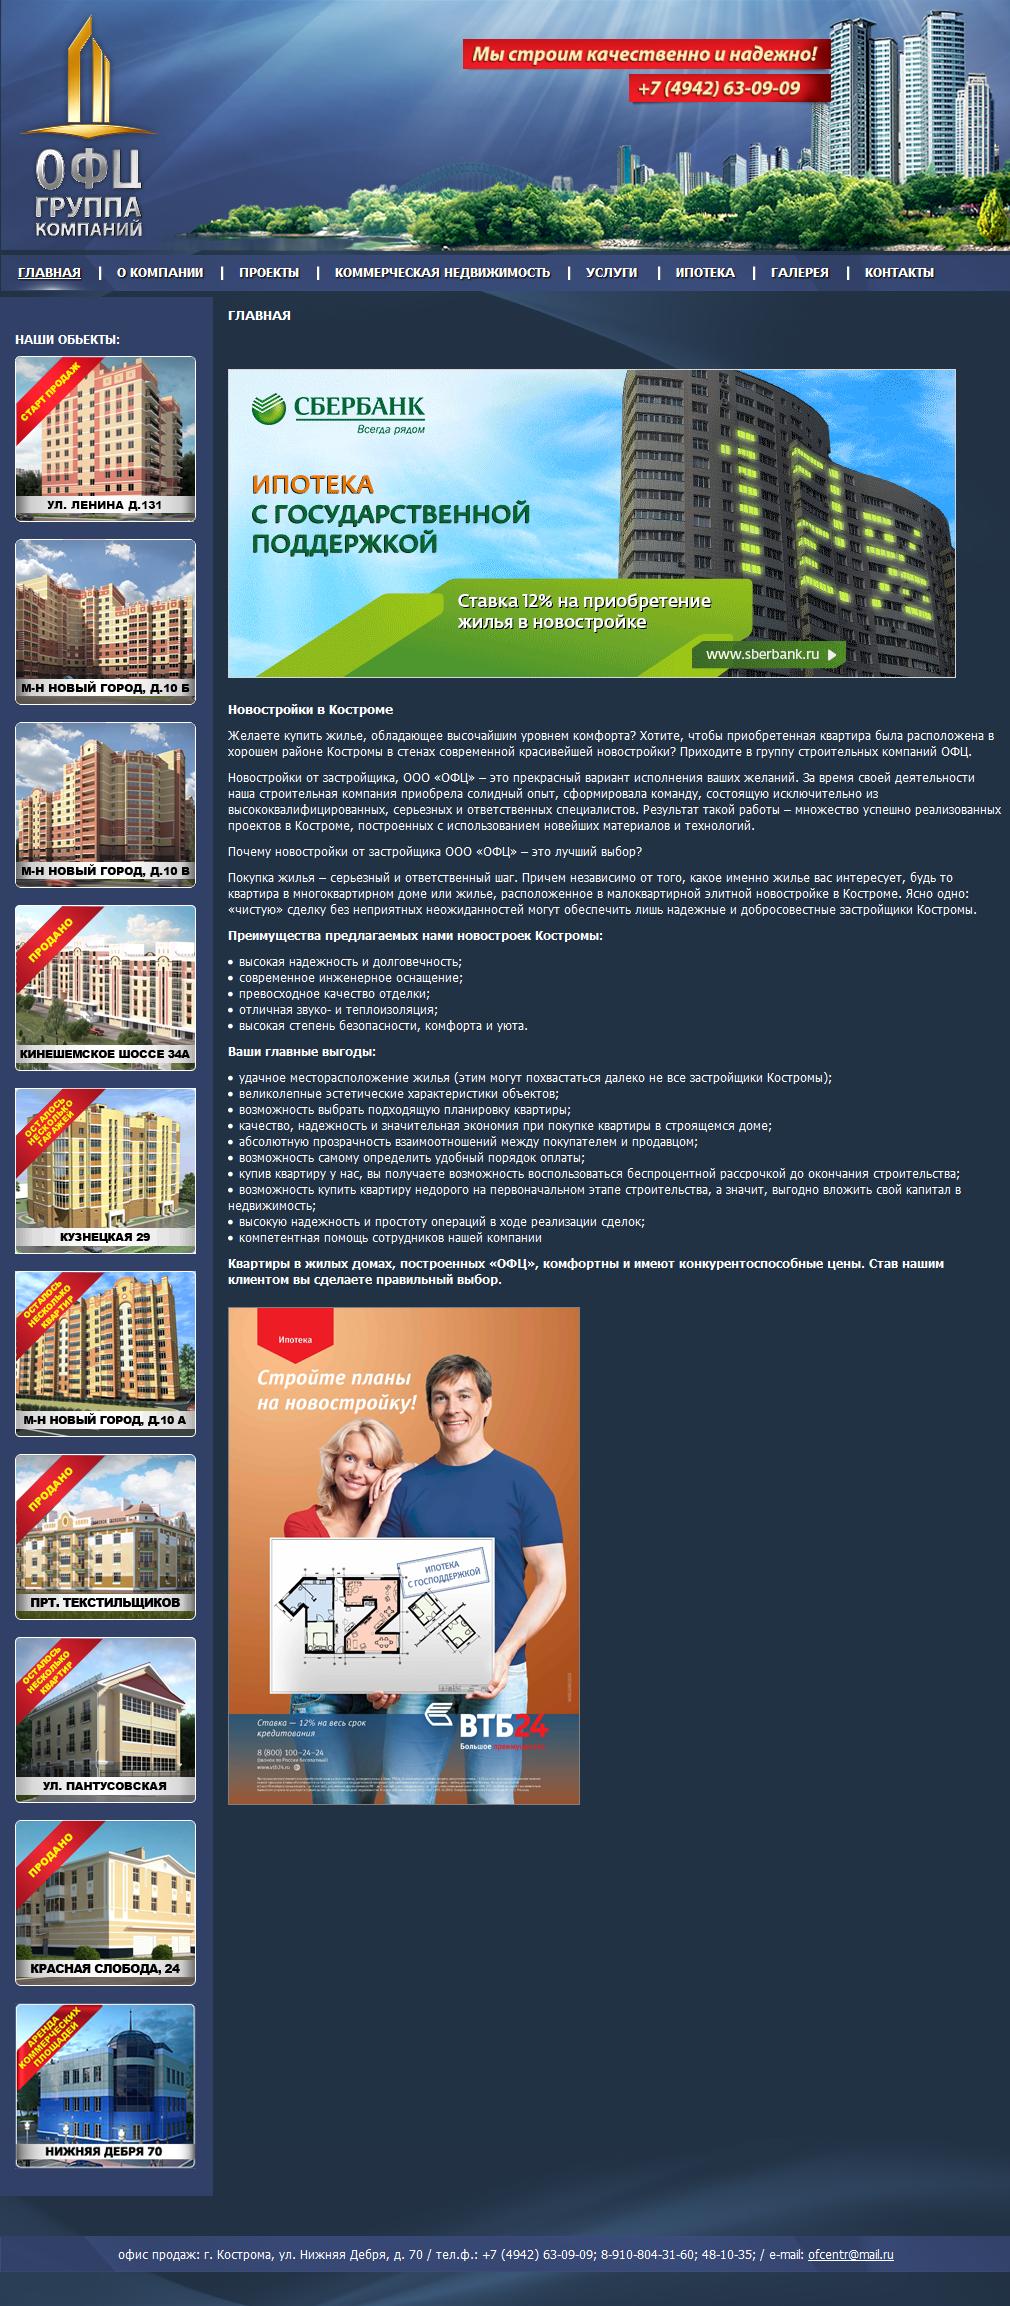 Сайт группы строительных компаний «ОФЦ». Создание сайтов в Костроме